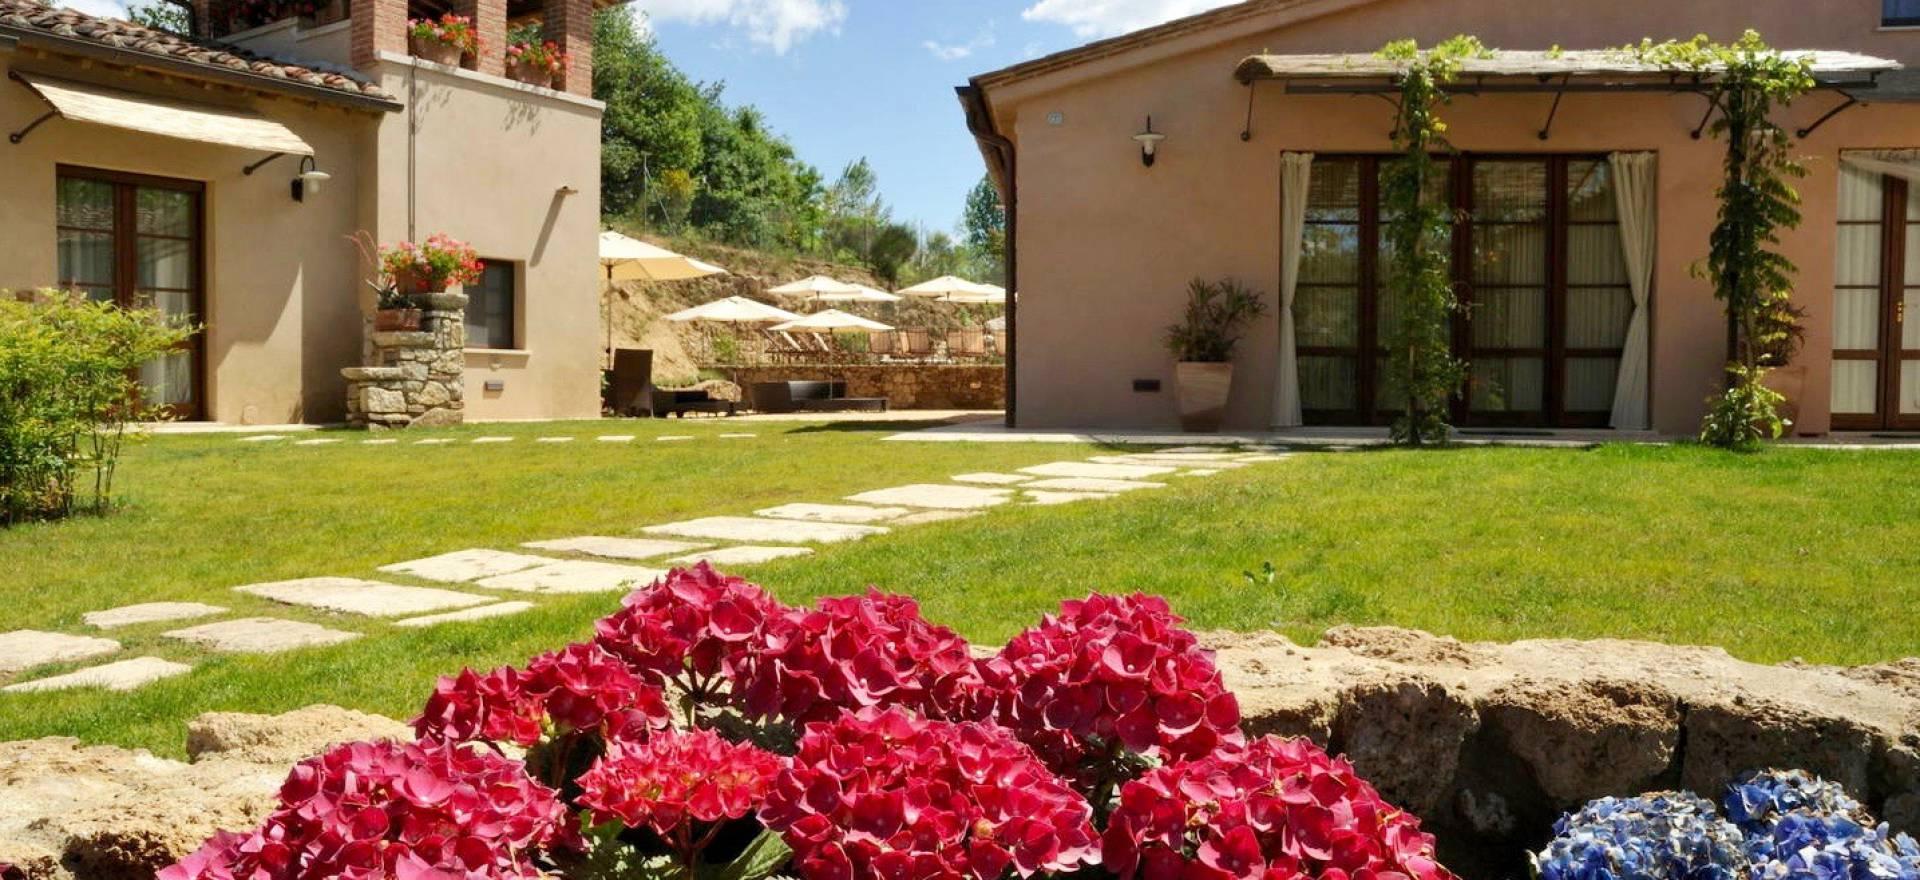 Agriturismo Toscane Luxe agriturismo tussen Siena en Arezzo in Toscane